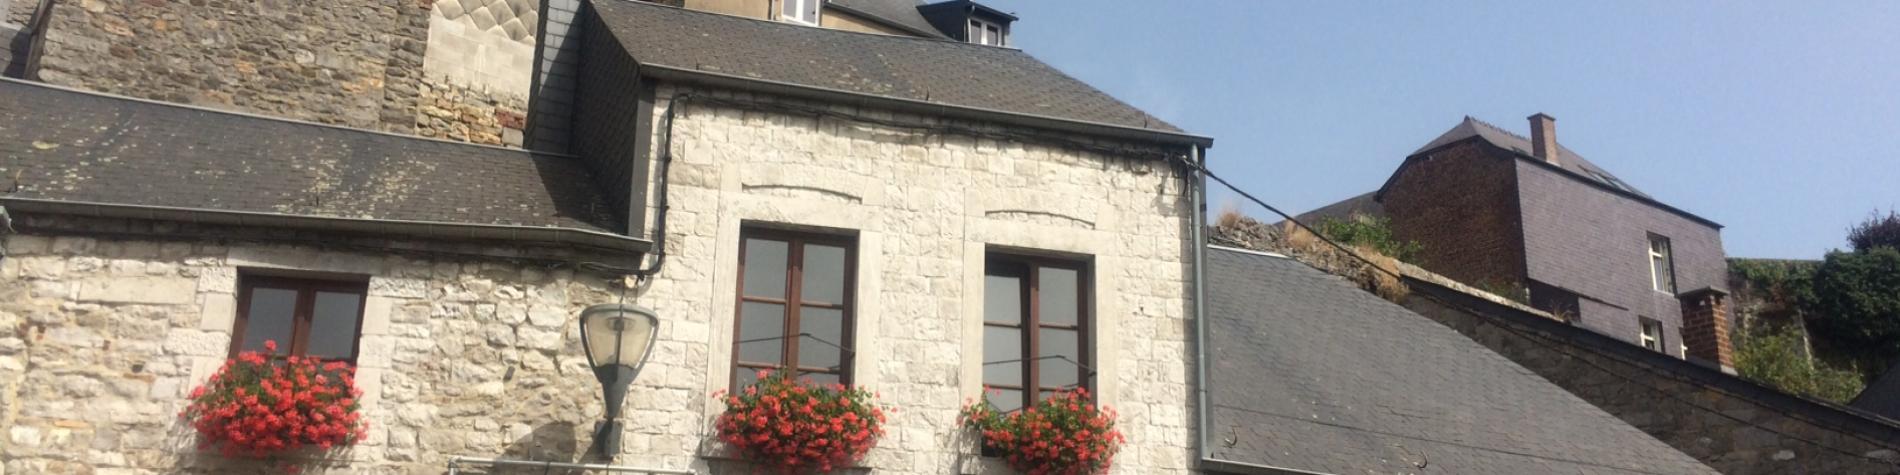 Couvin - Province de Namur - Wallonie Terre d'Eau - Wallonie Nature